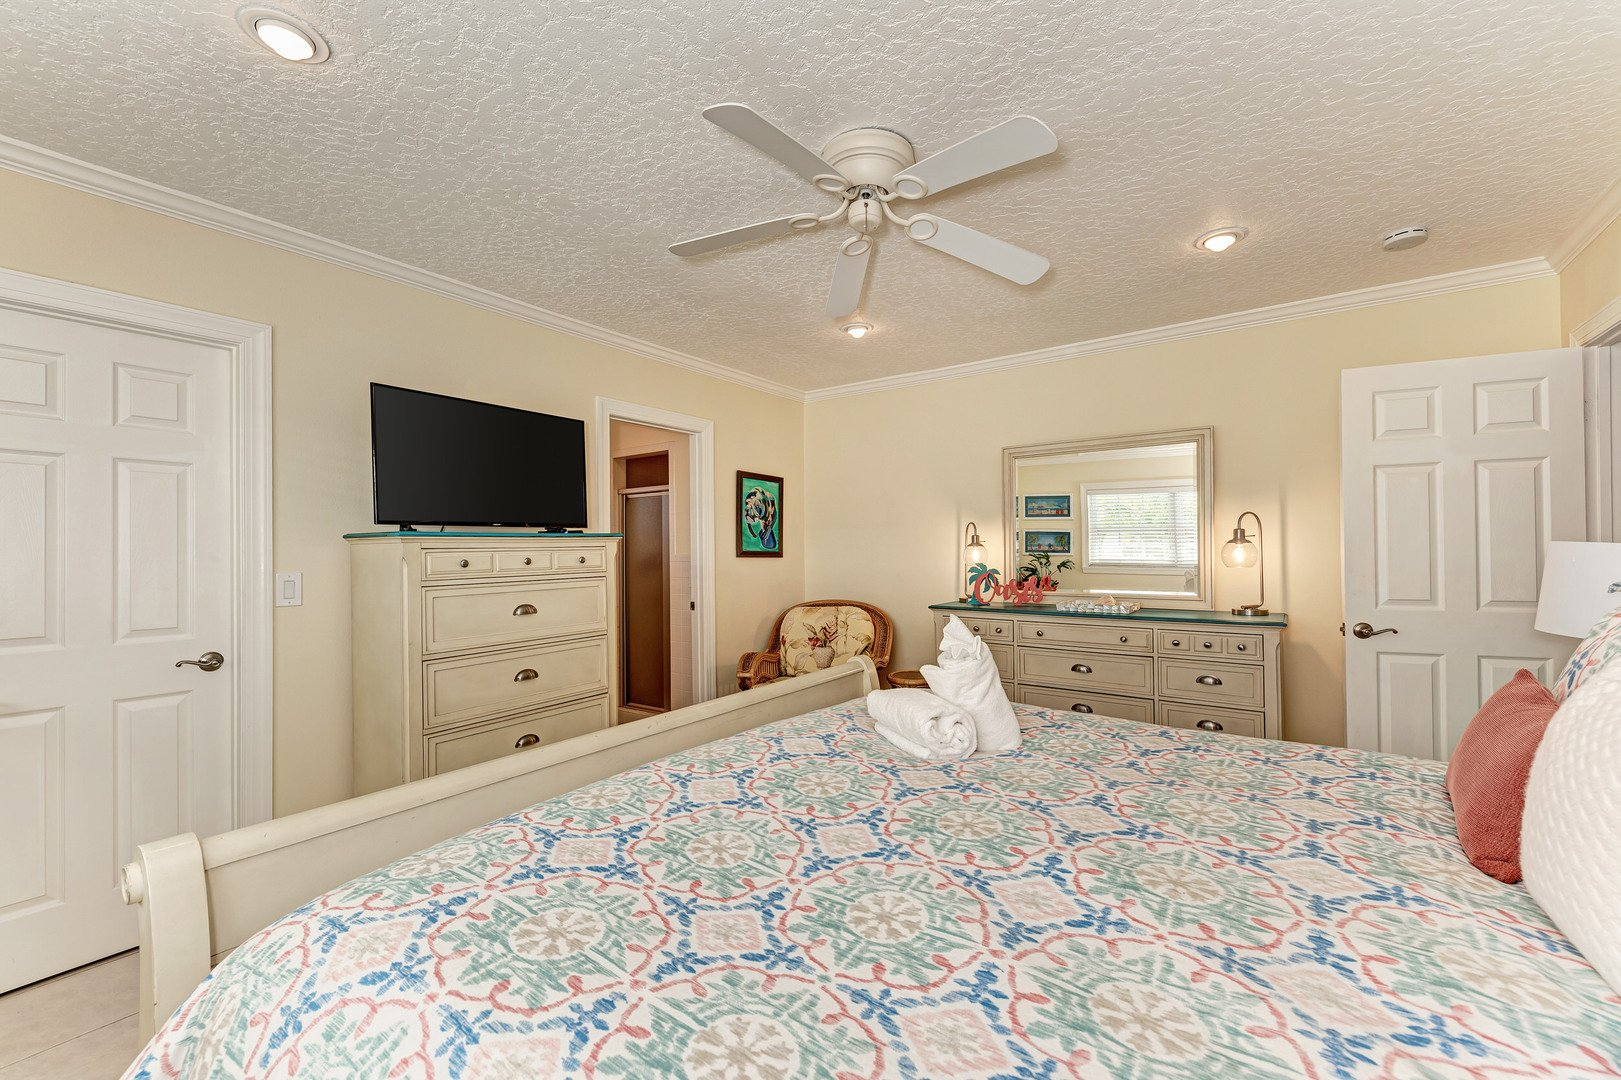 Mermaids & Manatees master bedroom alternate view